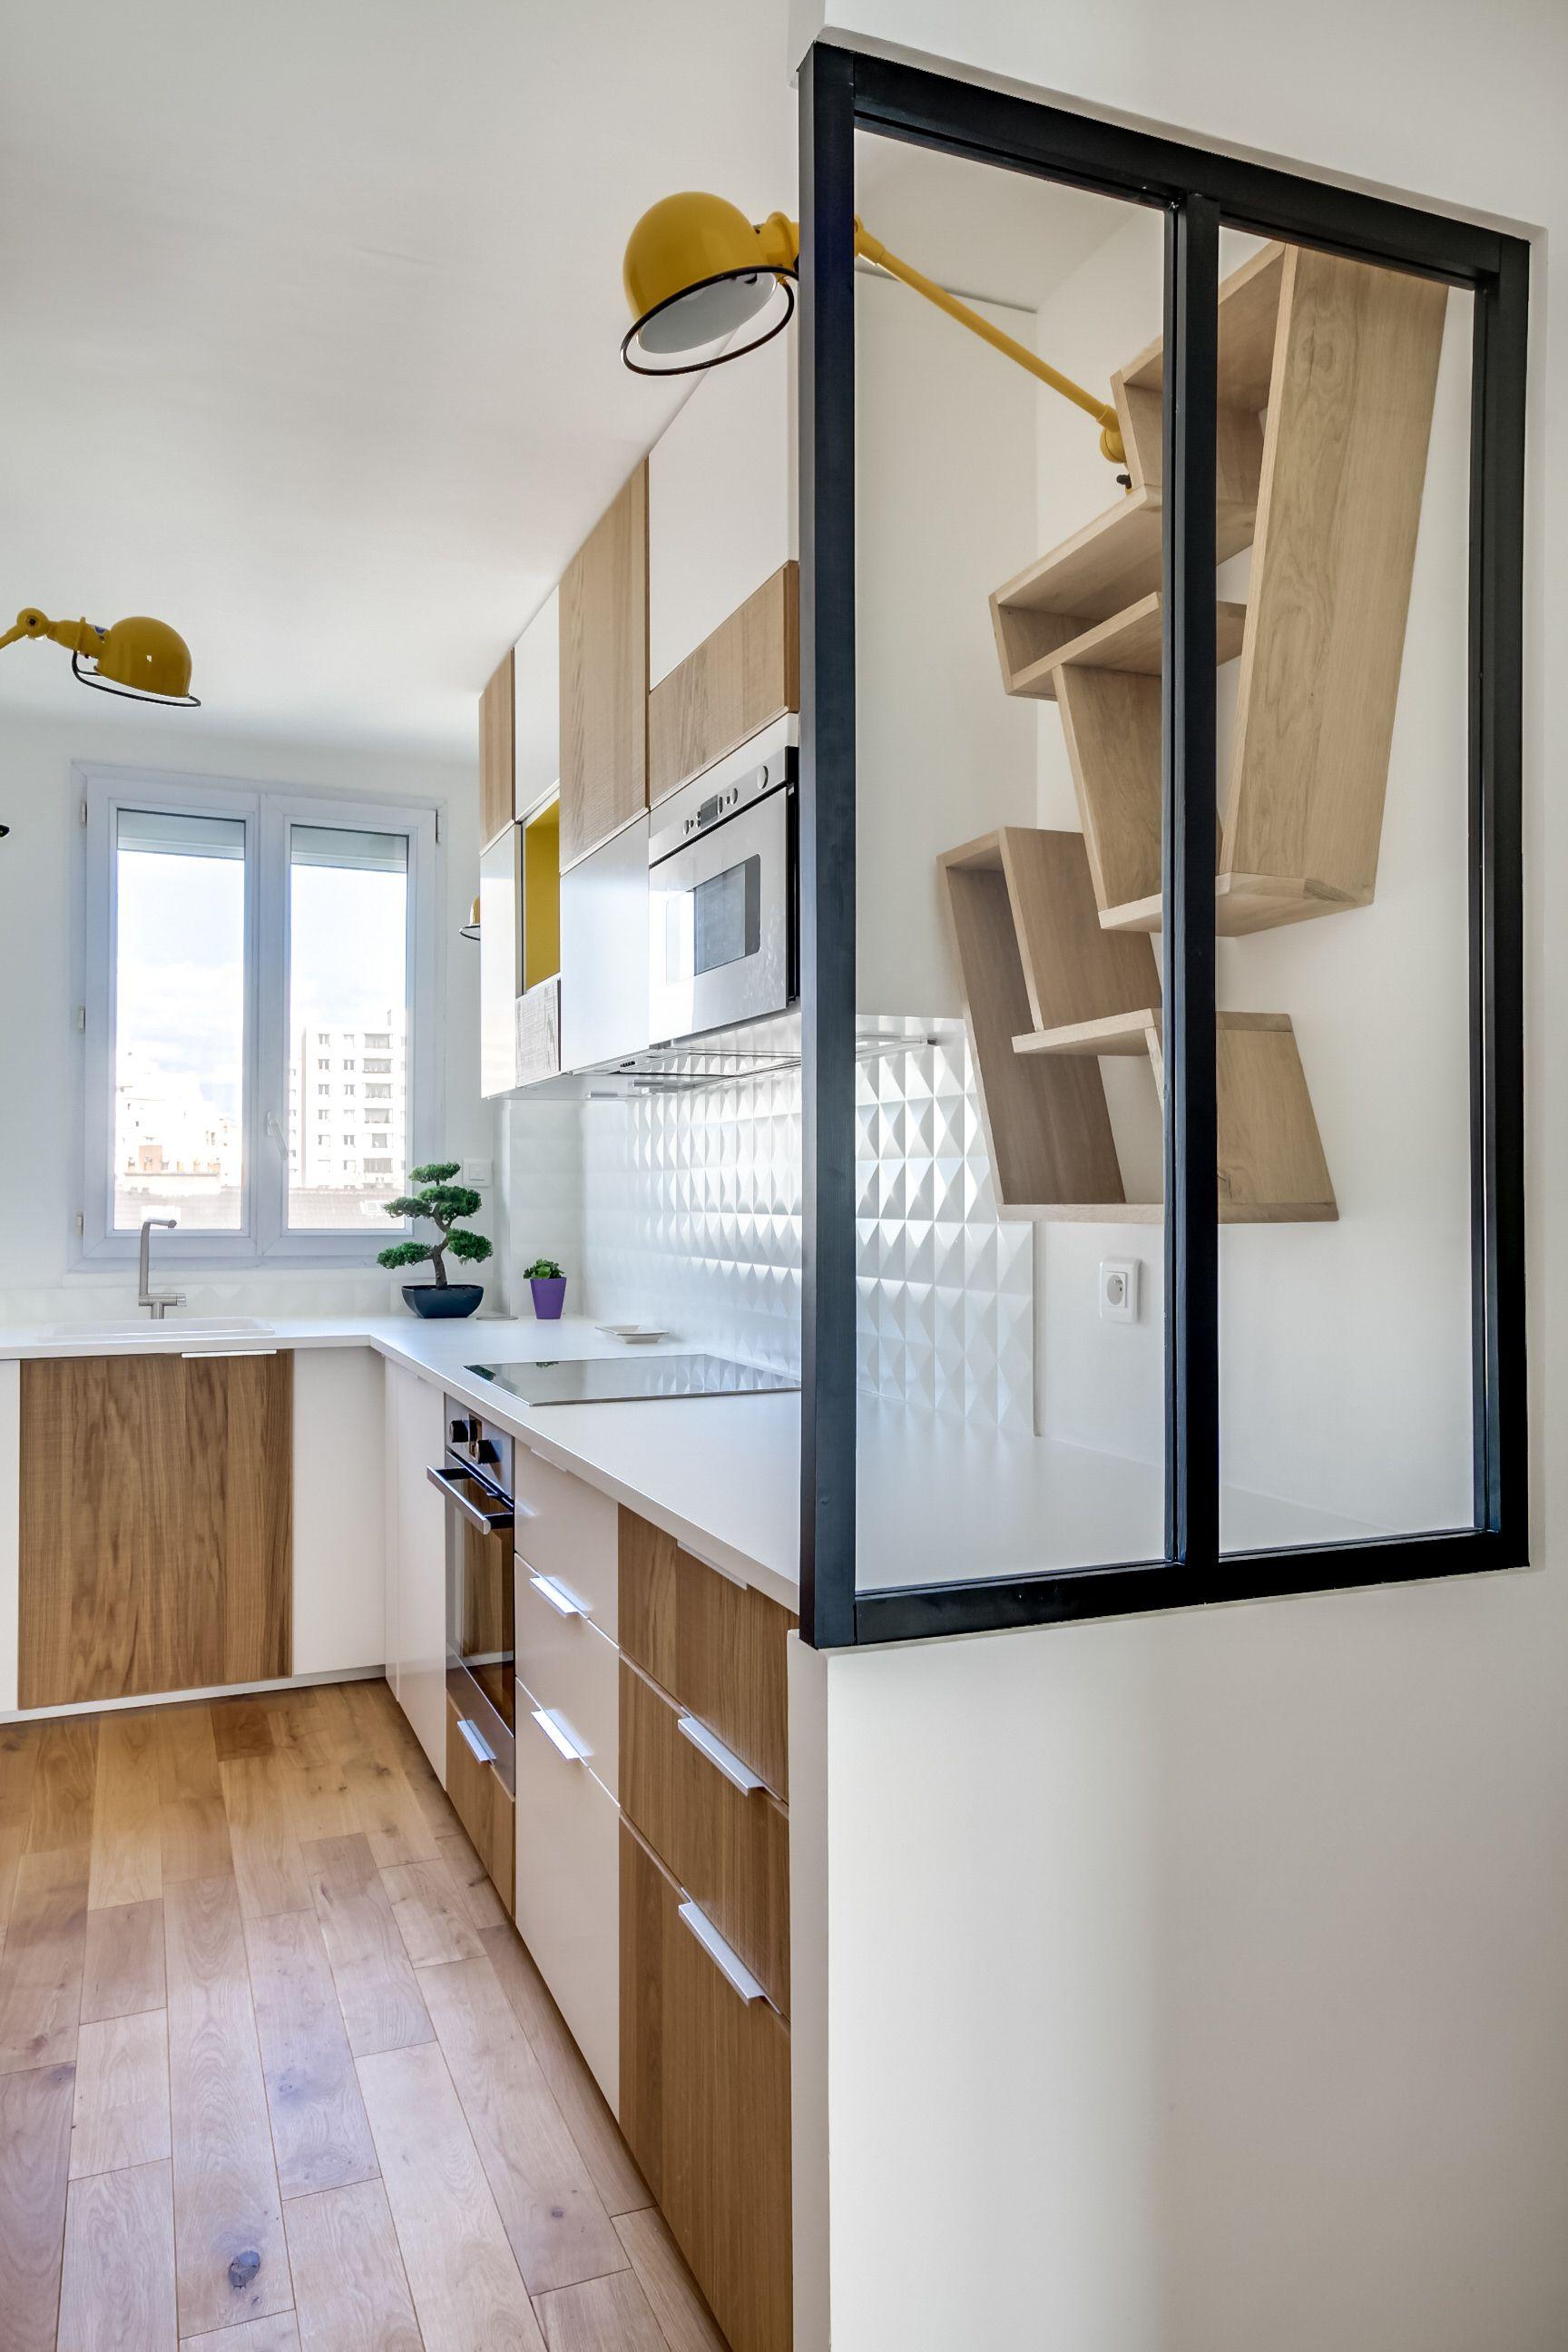 Cuisine graphique avec verrière, dans un appartement rénové par l